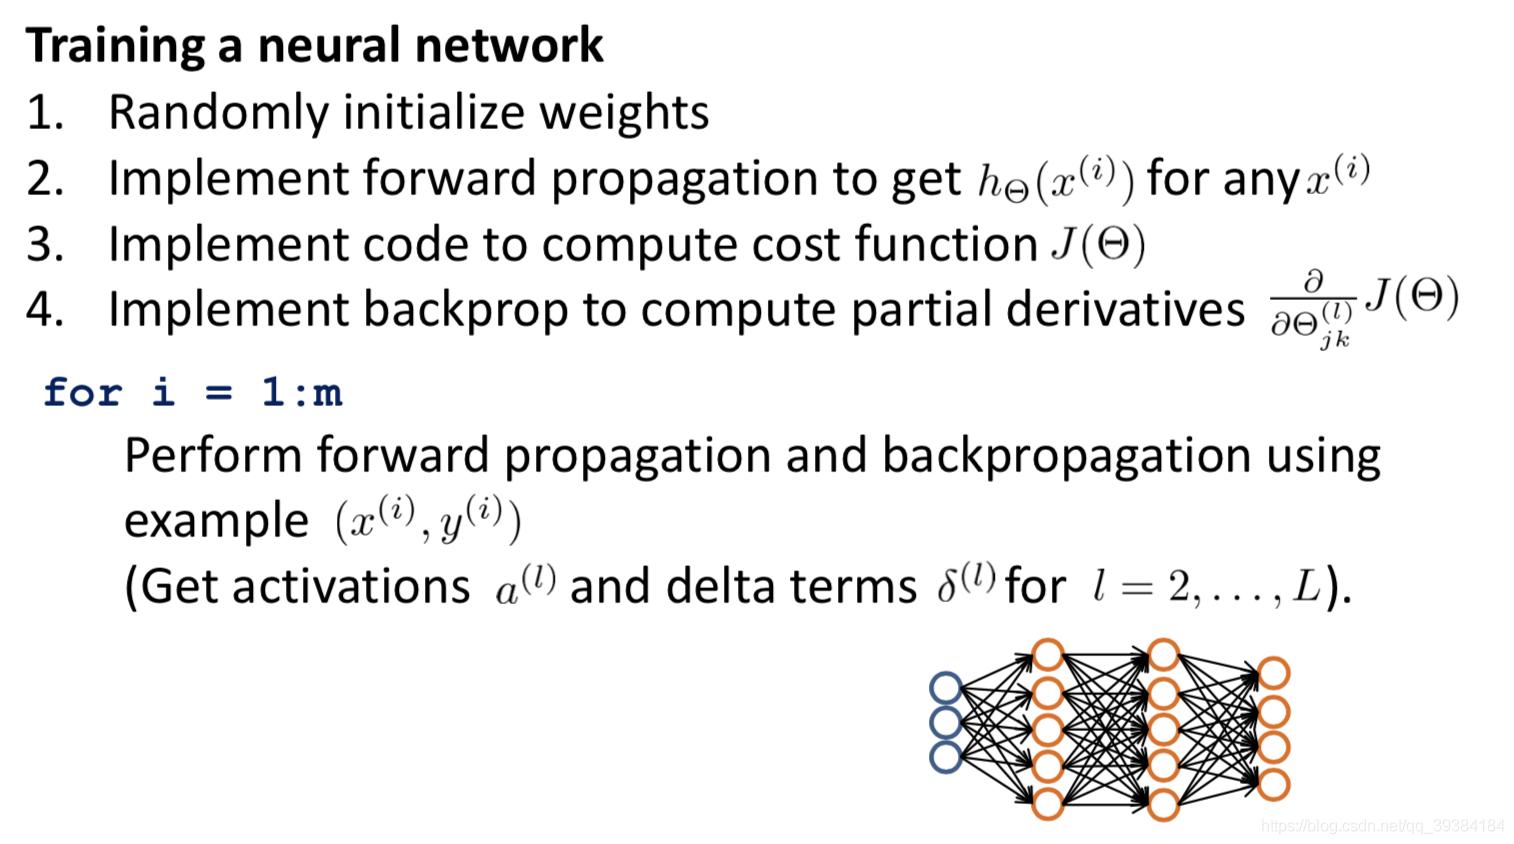 - img 考试总结:训练神经网络